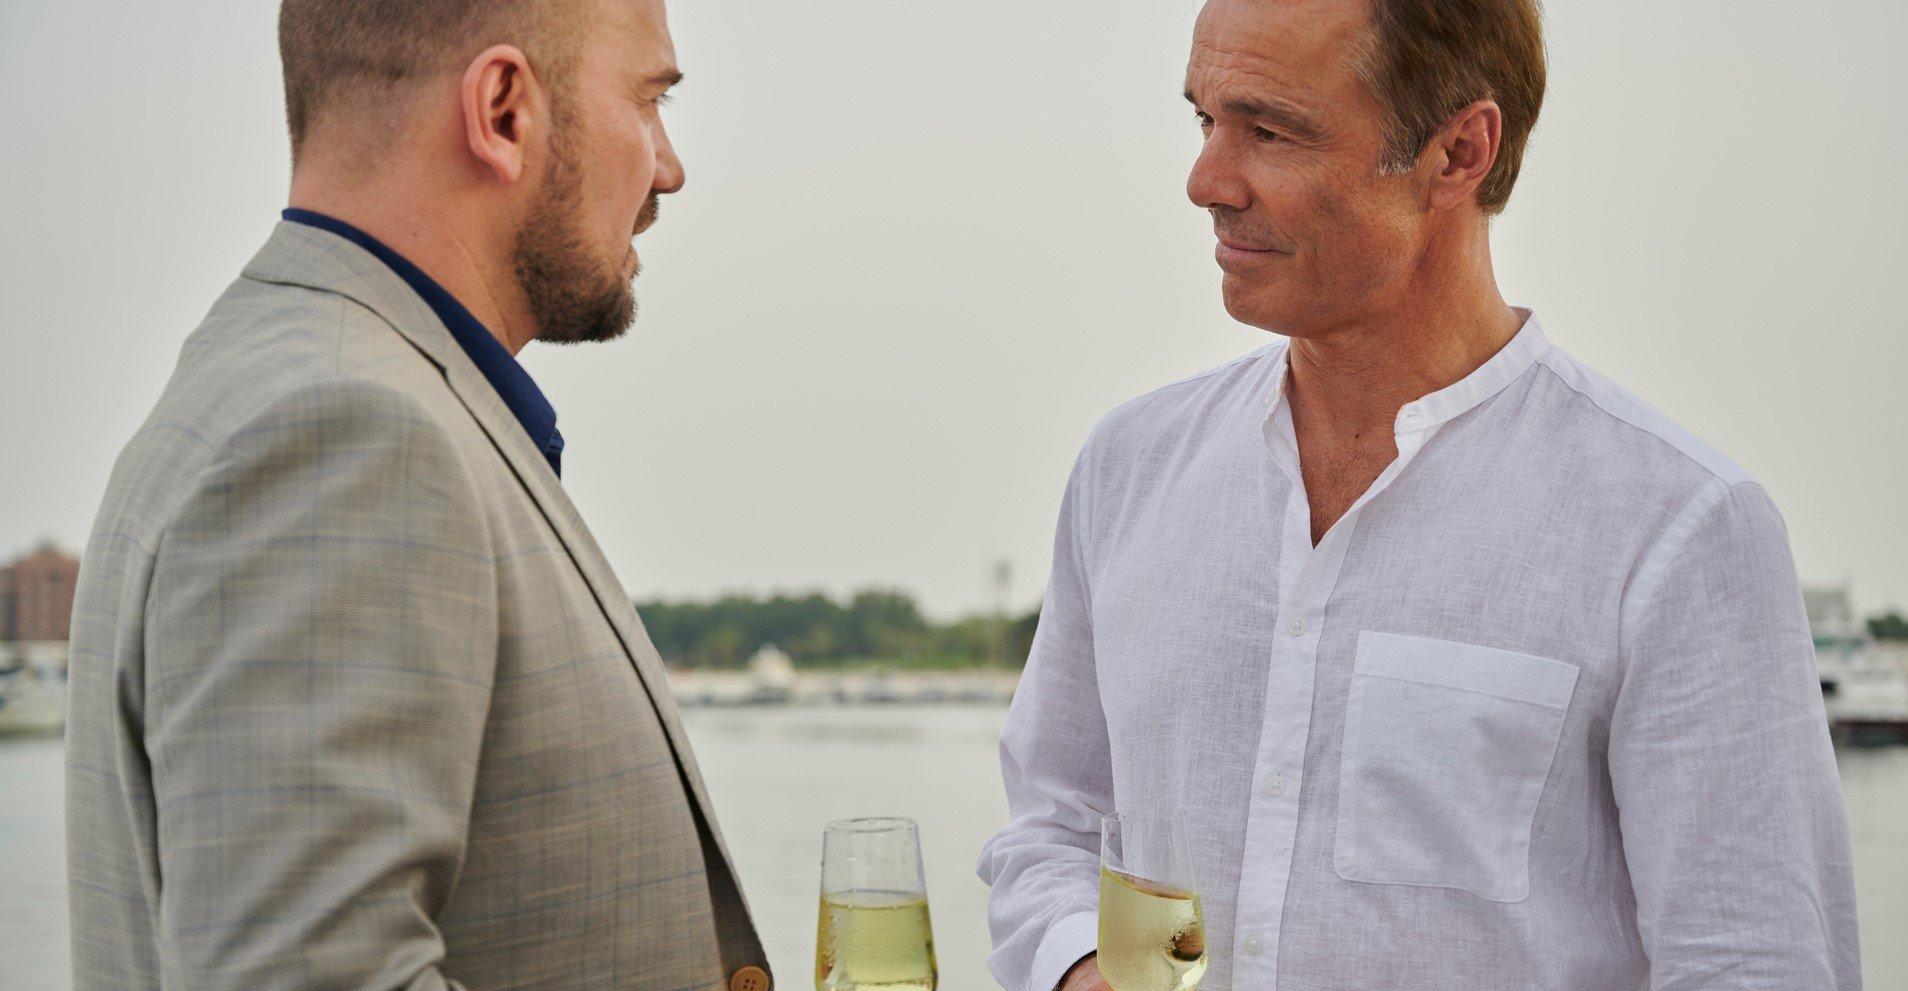 Lukas (Hannes Jaenicke, r und sein Geschäftspartner Greg (Sasha Petronijevic l)  © ZDF und Eric Vernazobres / FTV / Storia television